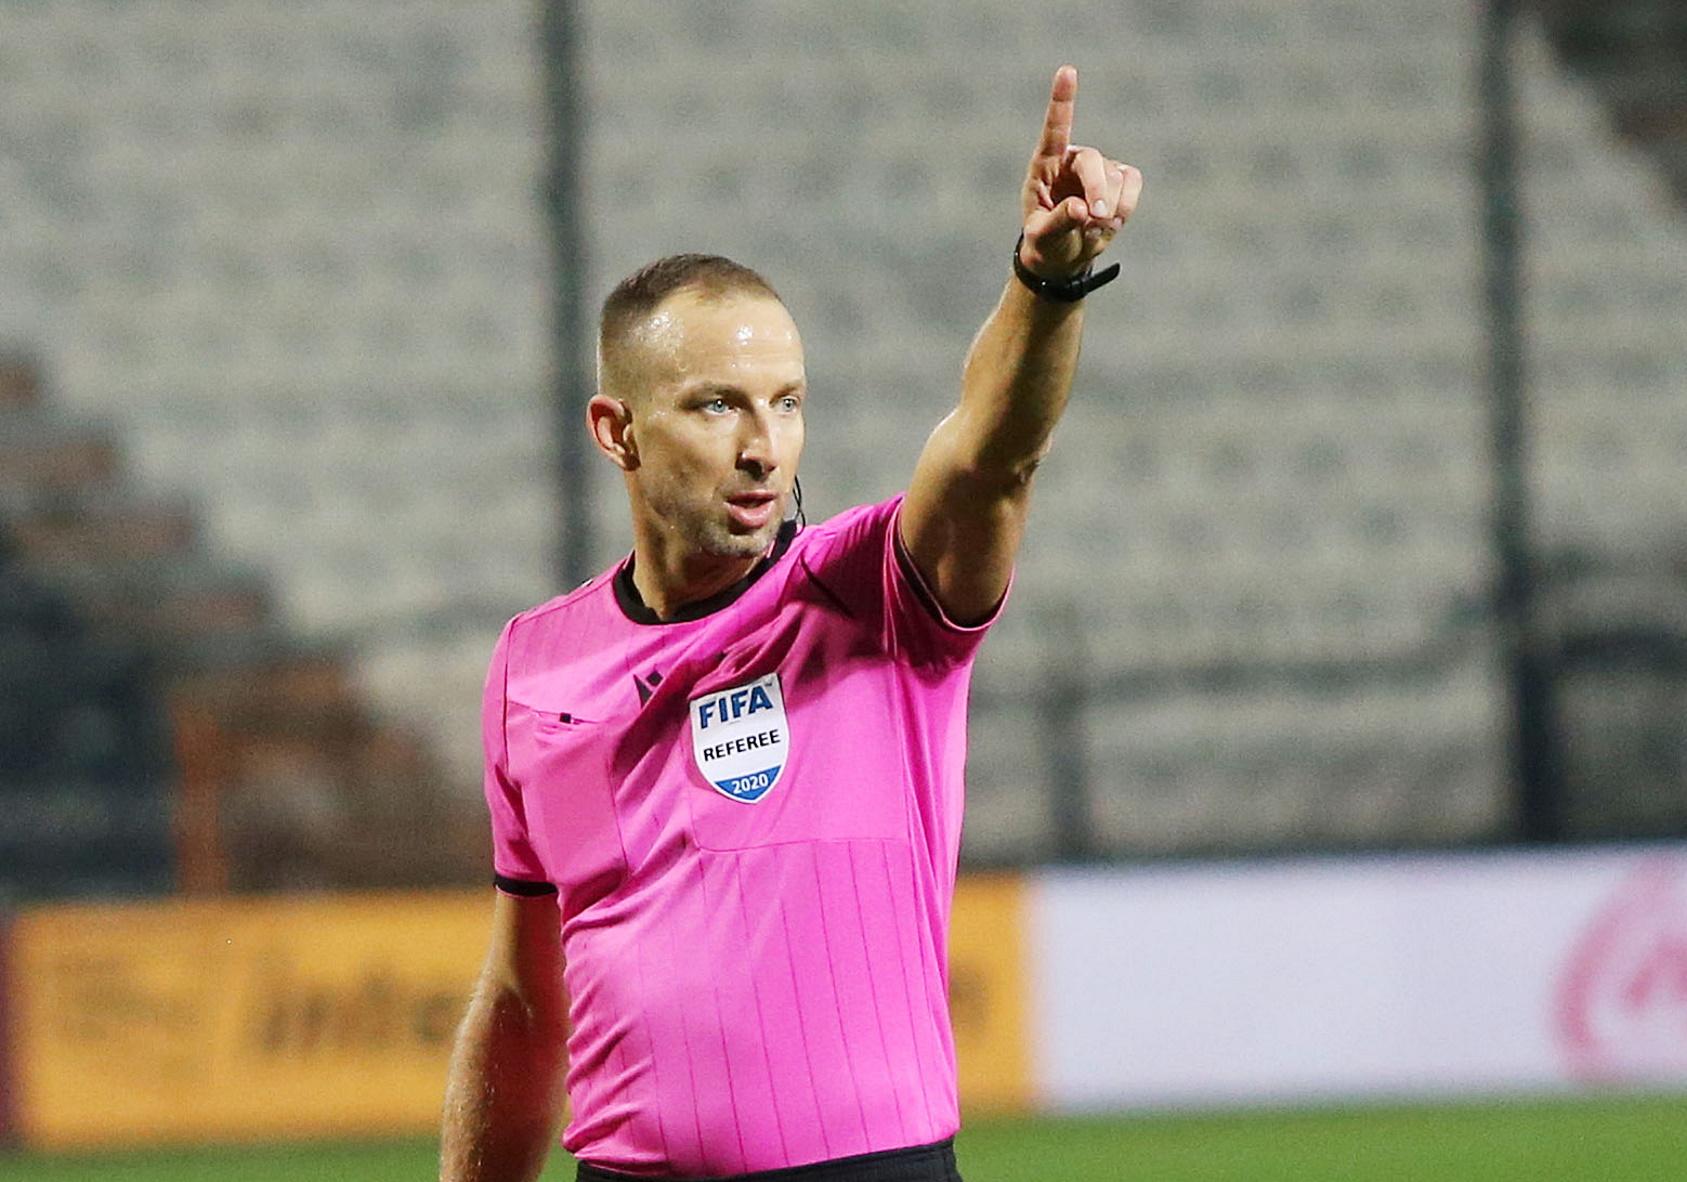 Ολυμπιακός – Αντβέρπ: Ούγγρος διαιτητής στην «ερυθρόλευκη» πρεμιέρα στο Europa League